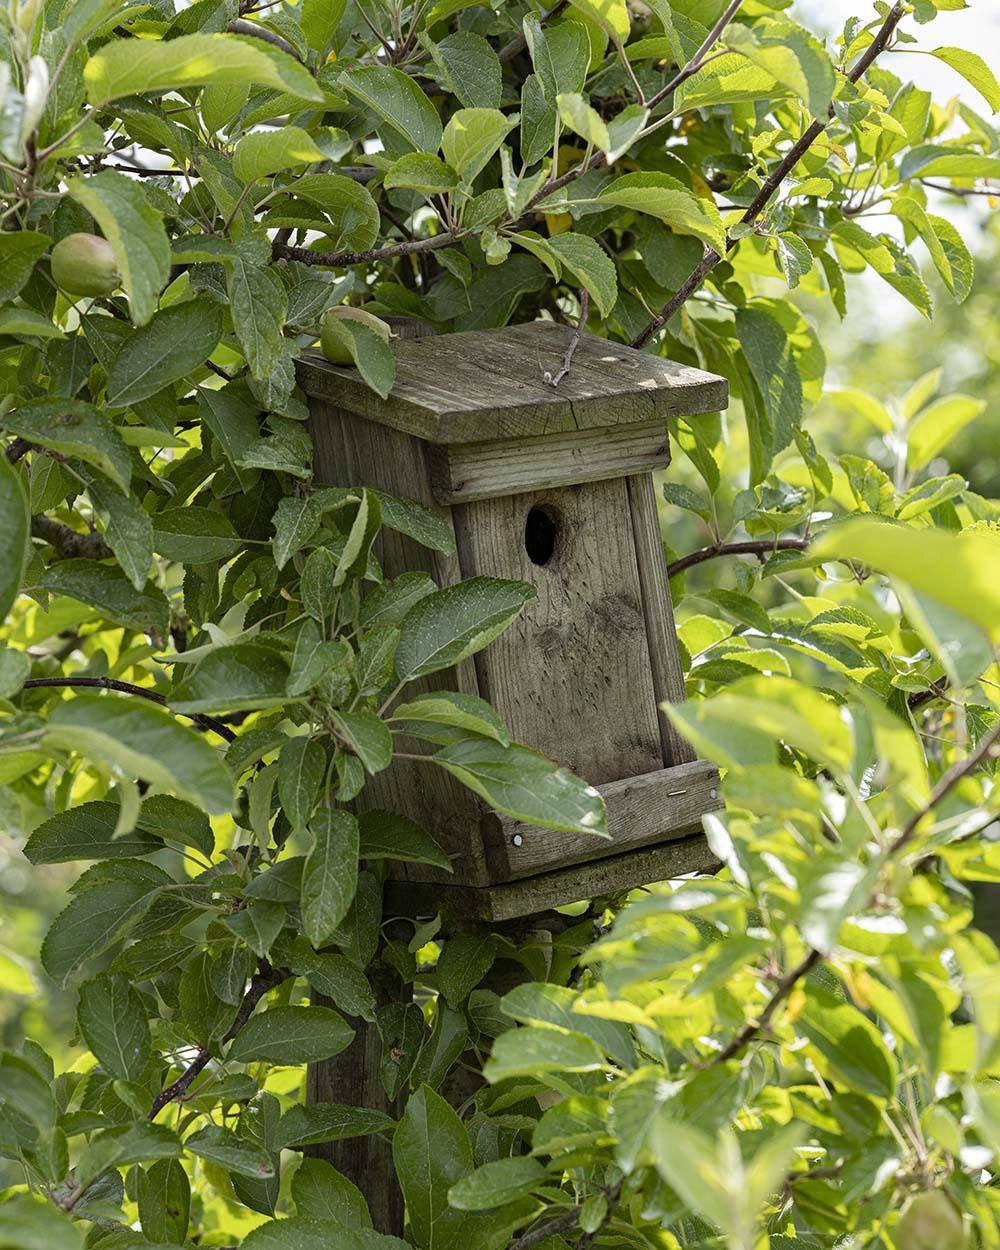 Ein Vogelhaus aus Holz in einem Baum. Cord Lefers liegt der Artenschutz und die Artenvielfalt am Herzen, auch deshgalb hat er den Obsthof Lefers, den er in achter Generation führt, 2017 auf biologische Landwirtschaft umgestellt.